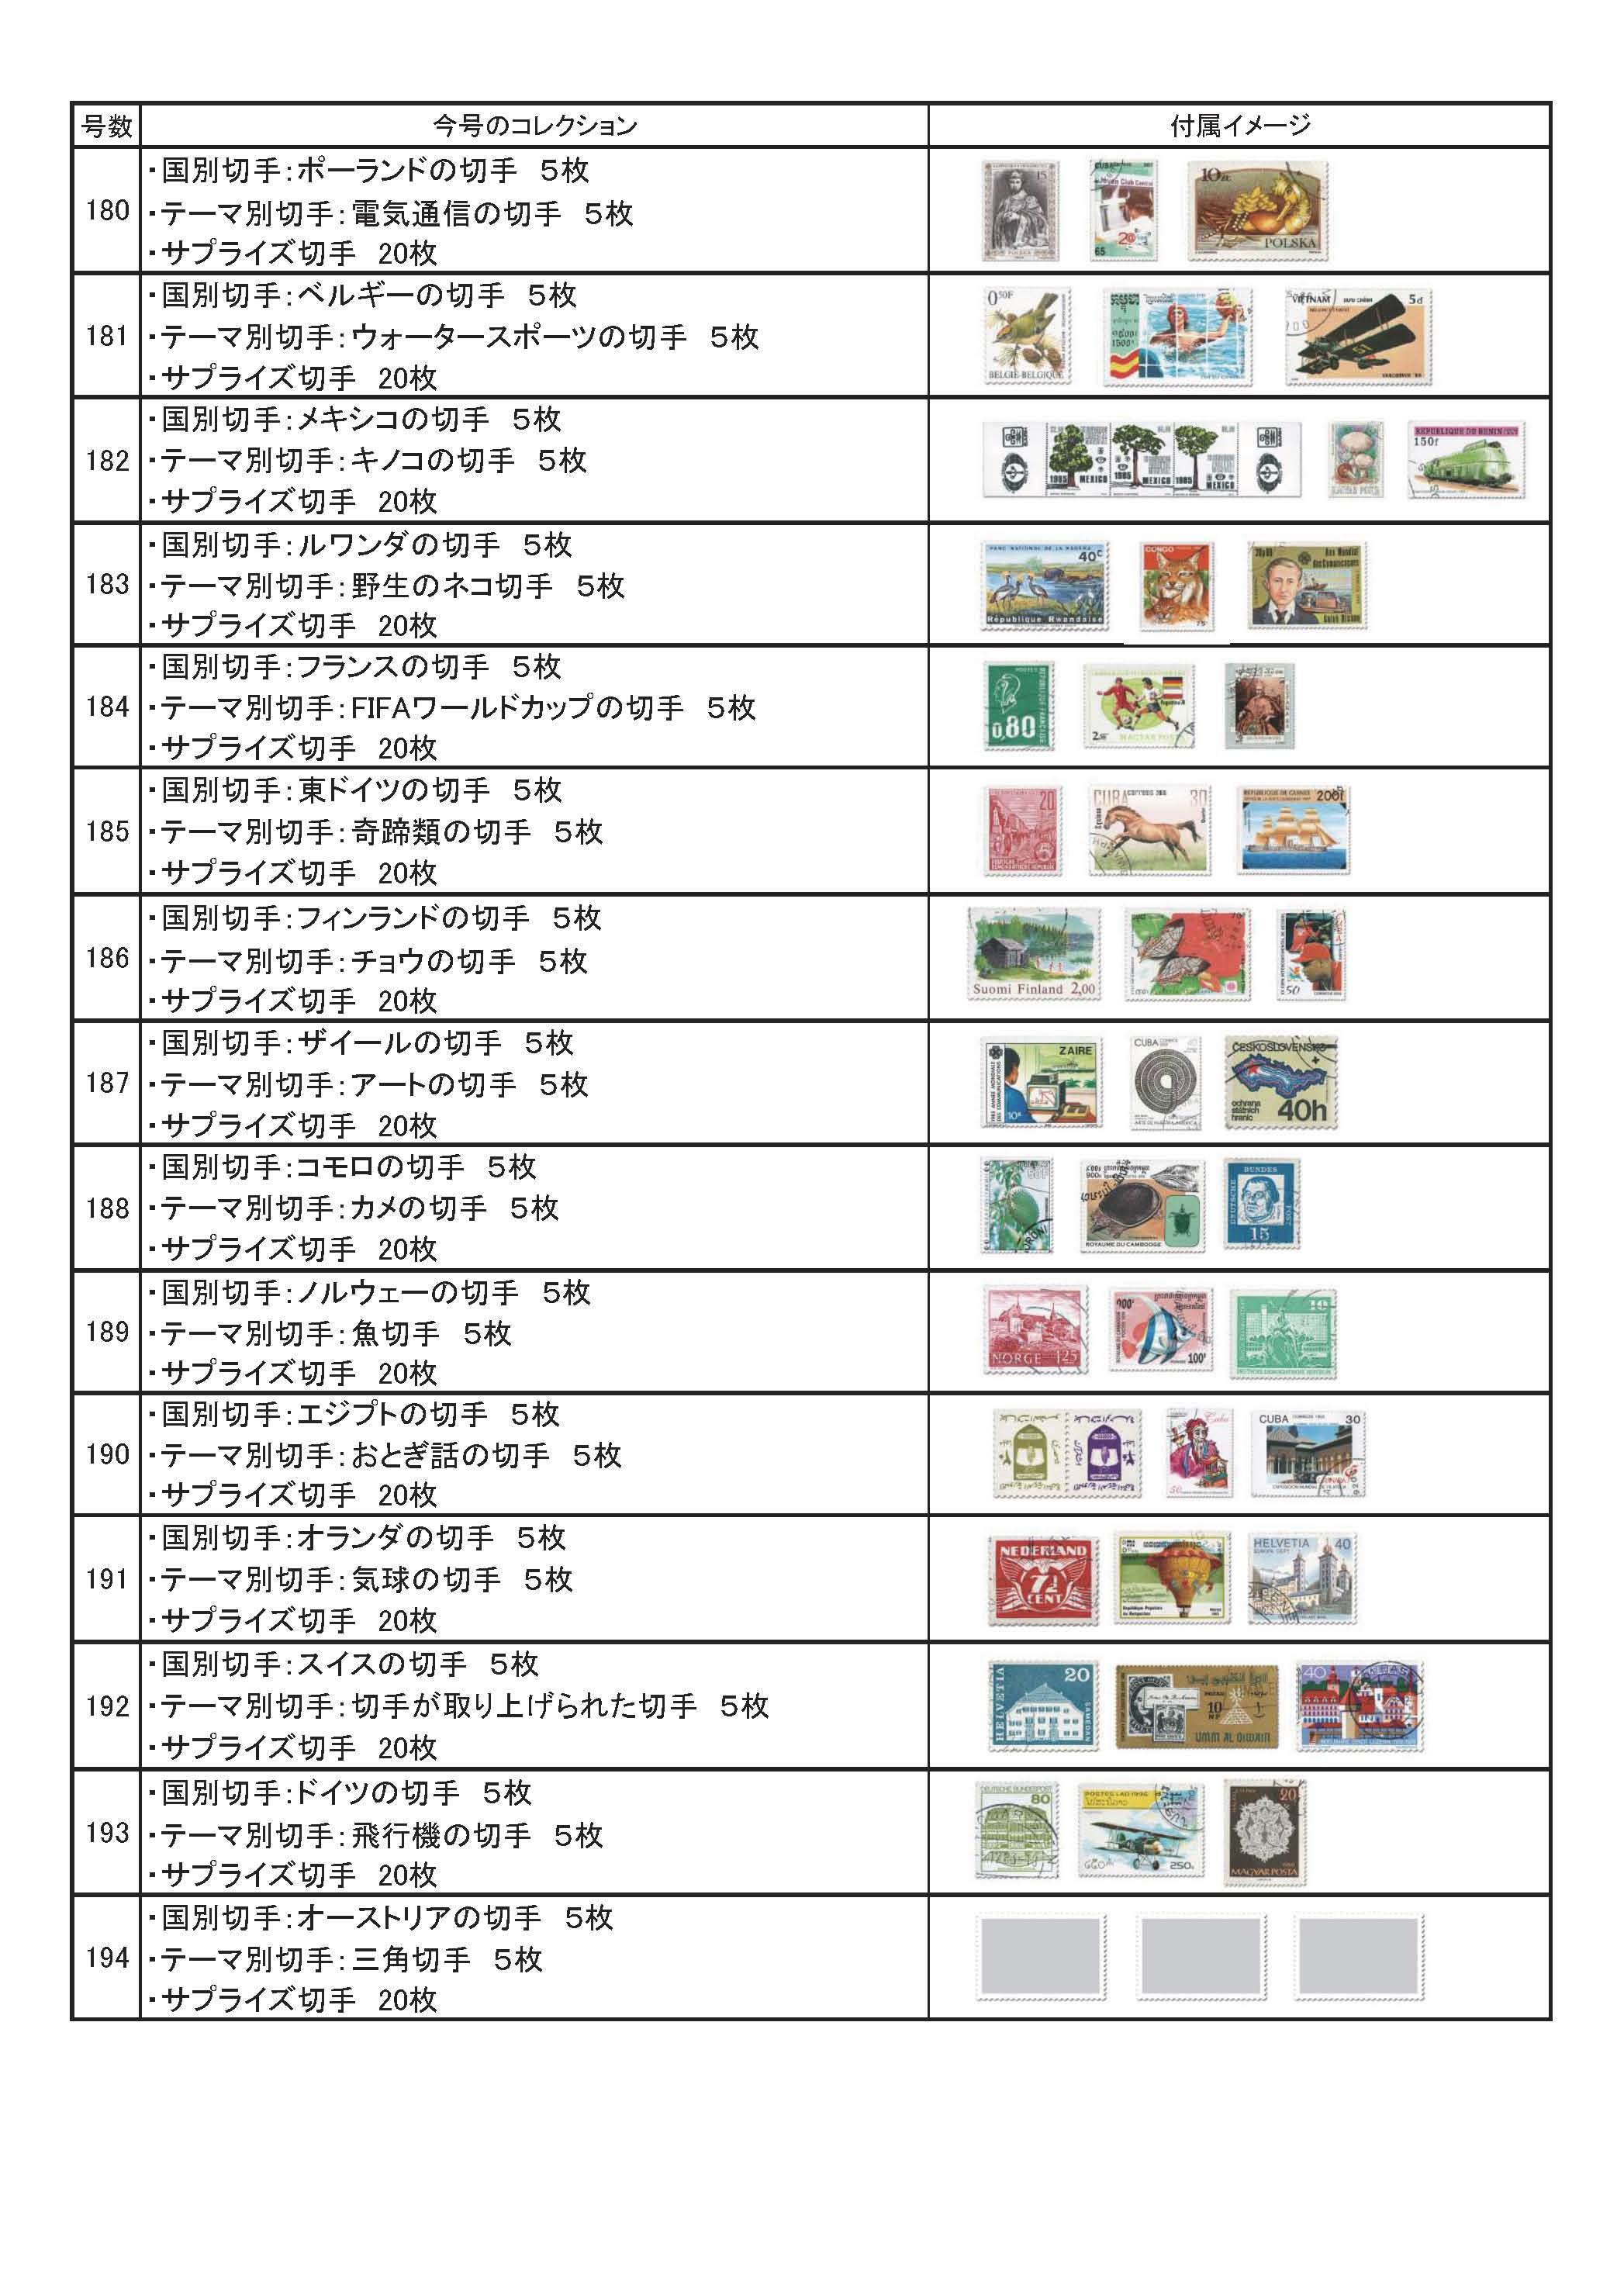 付属切手ラインナップ_20180302_ページ_13.jpg